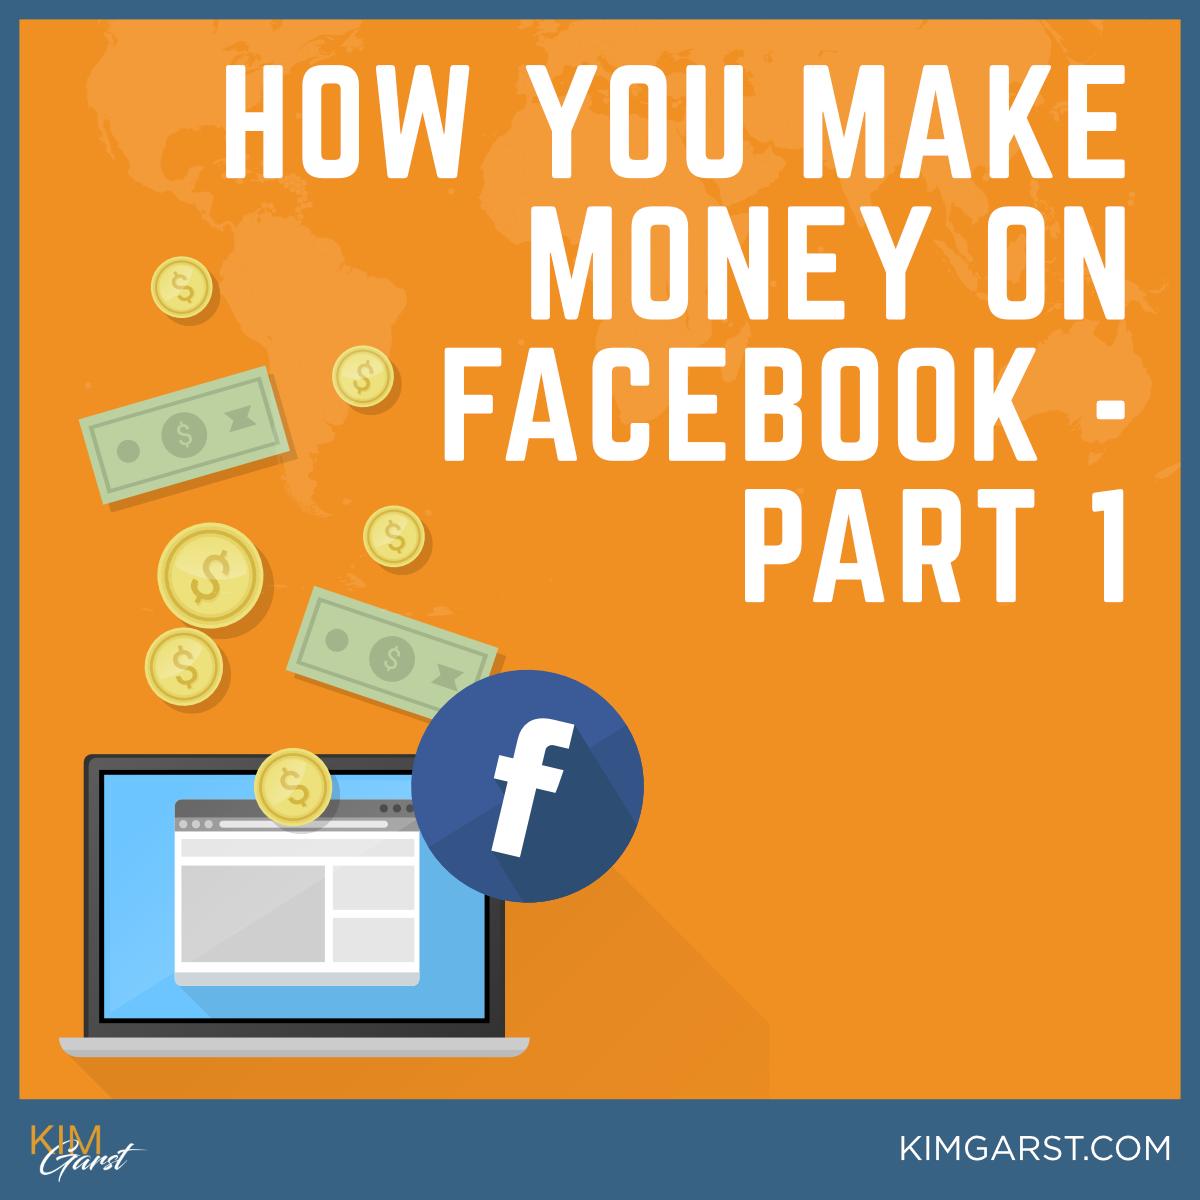 How I Make Money on Facebook